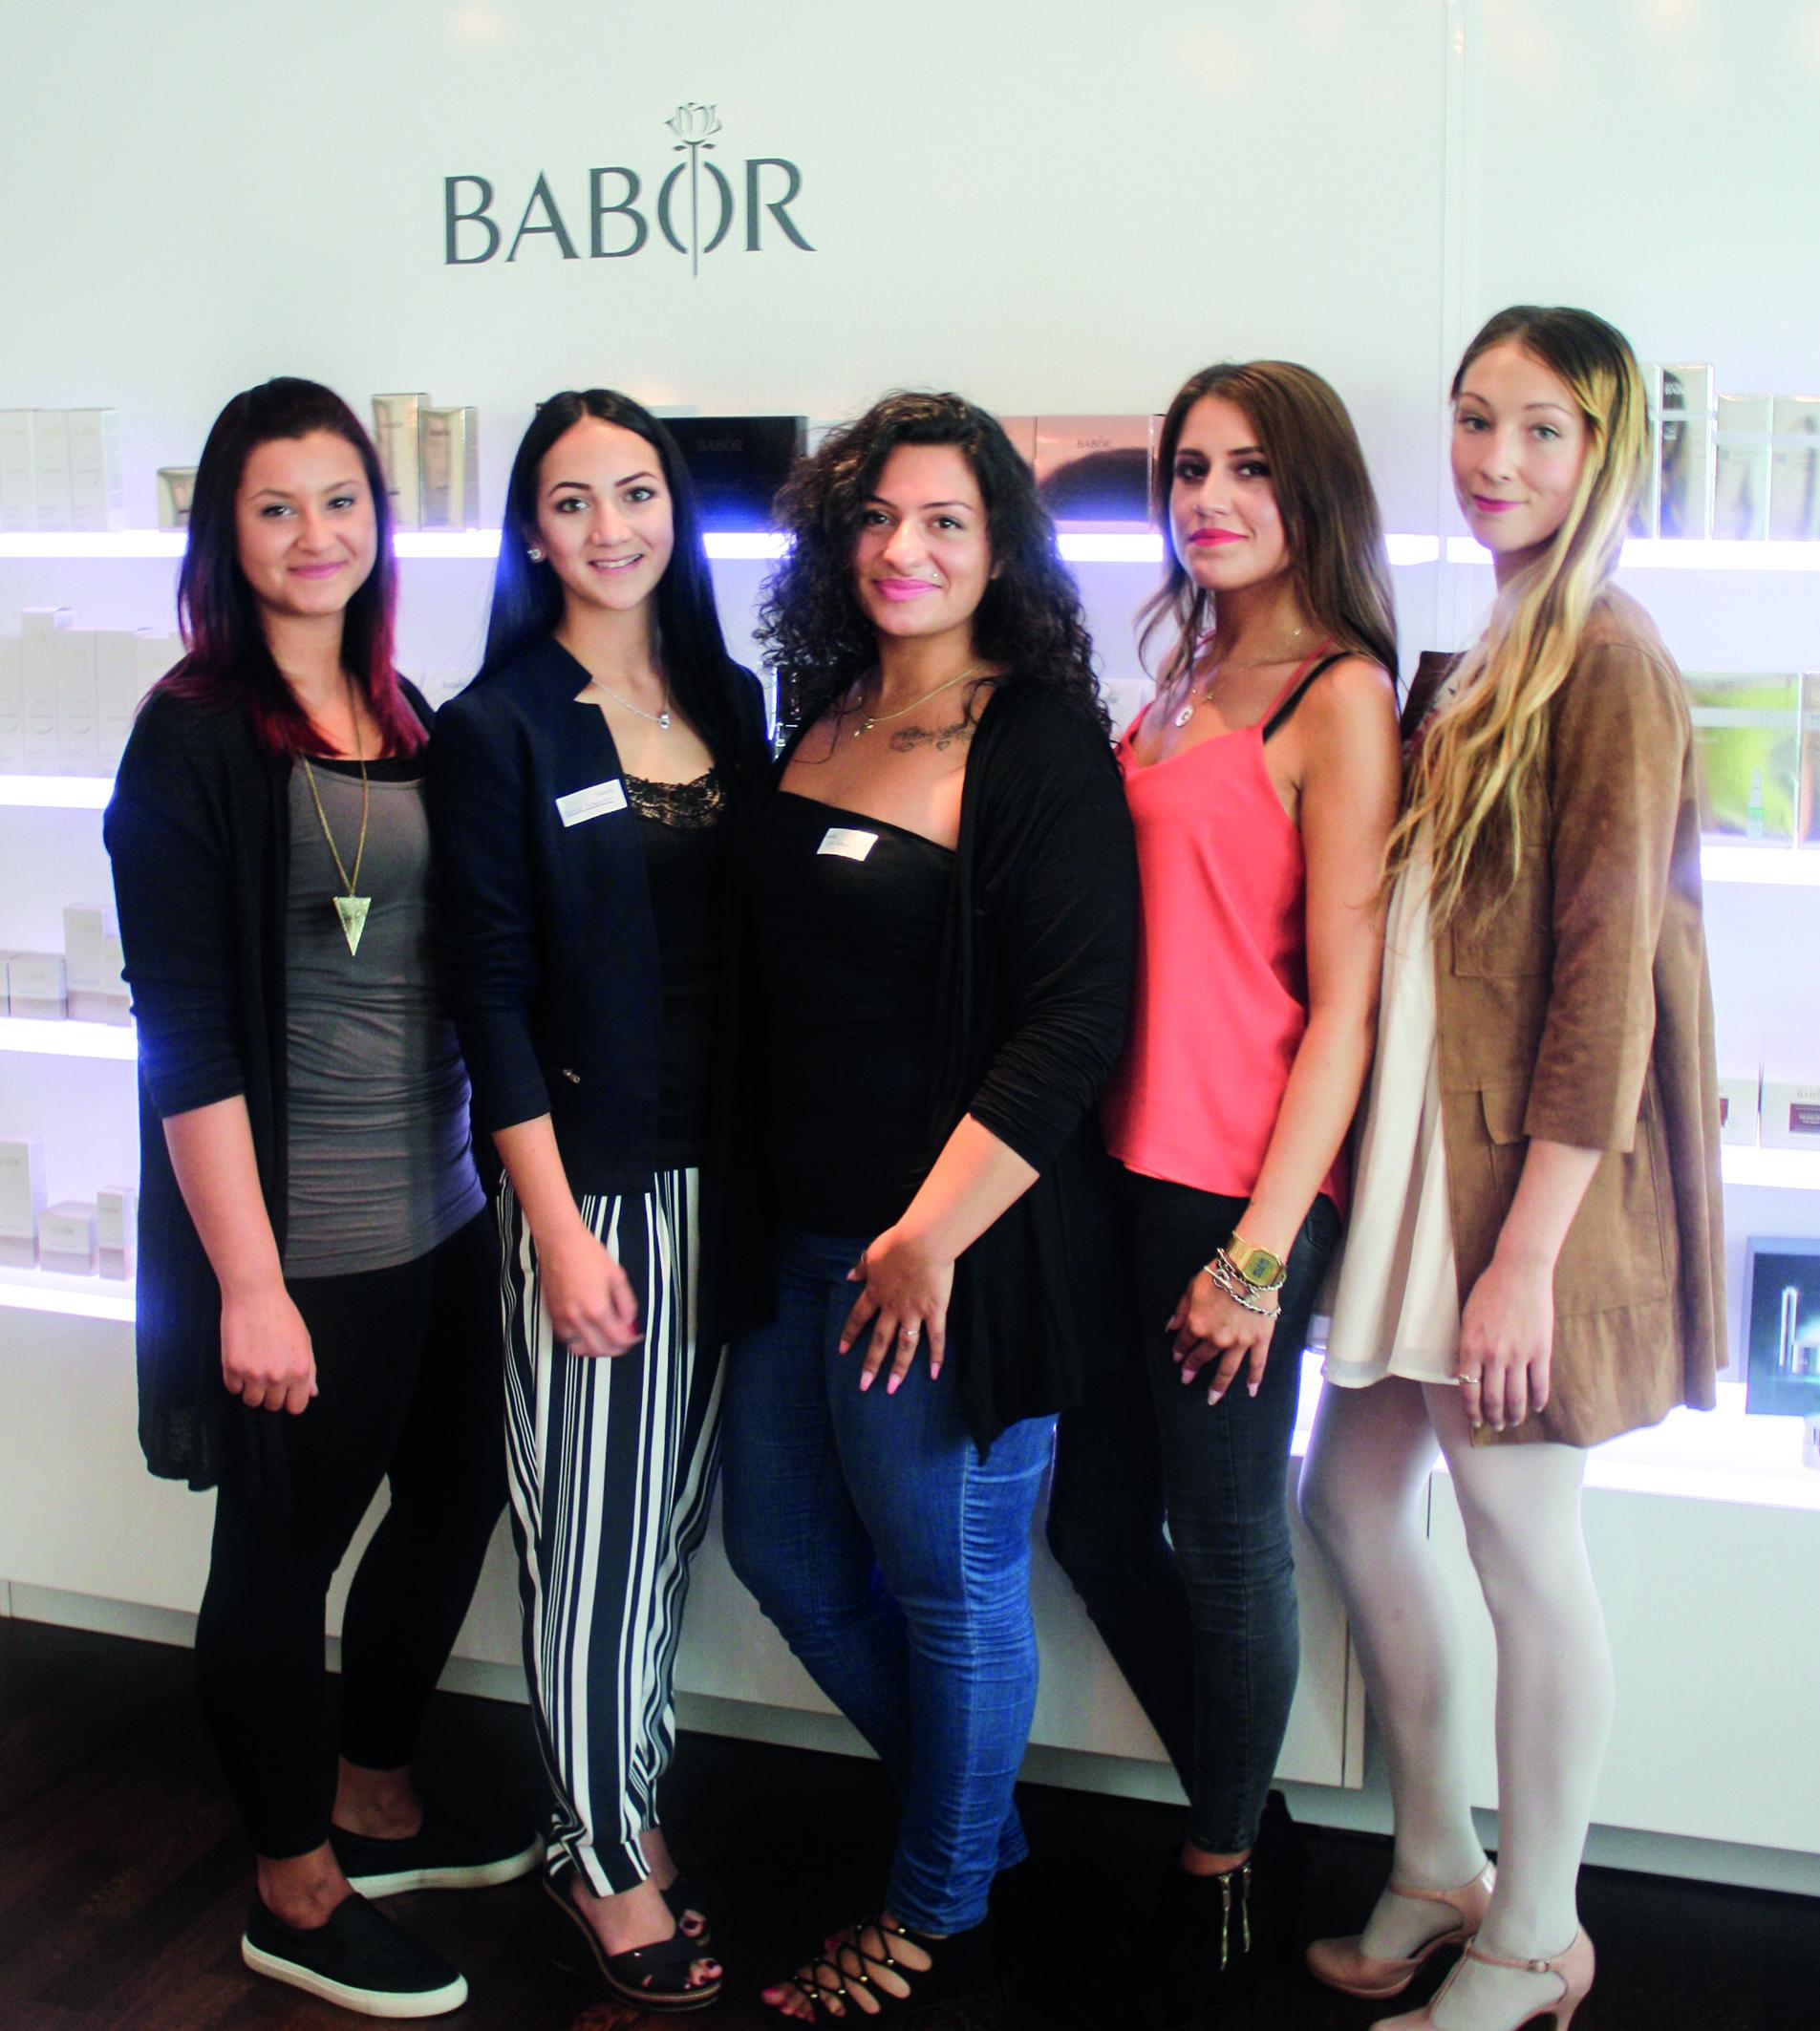 BABOR_Finale Stipendium Kosmetikschule Schäfer_Finalistinnen